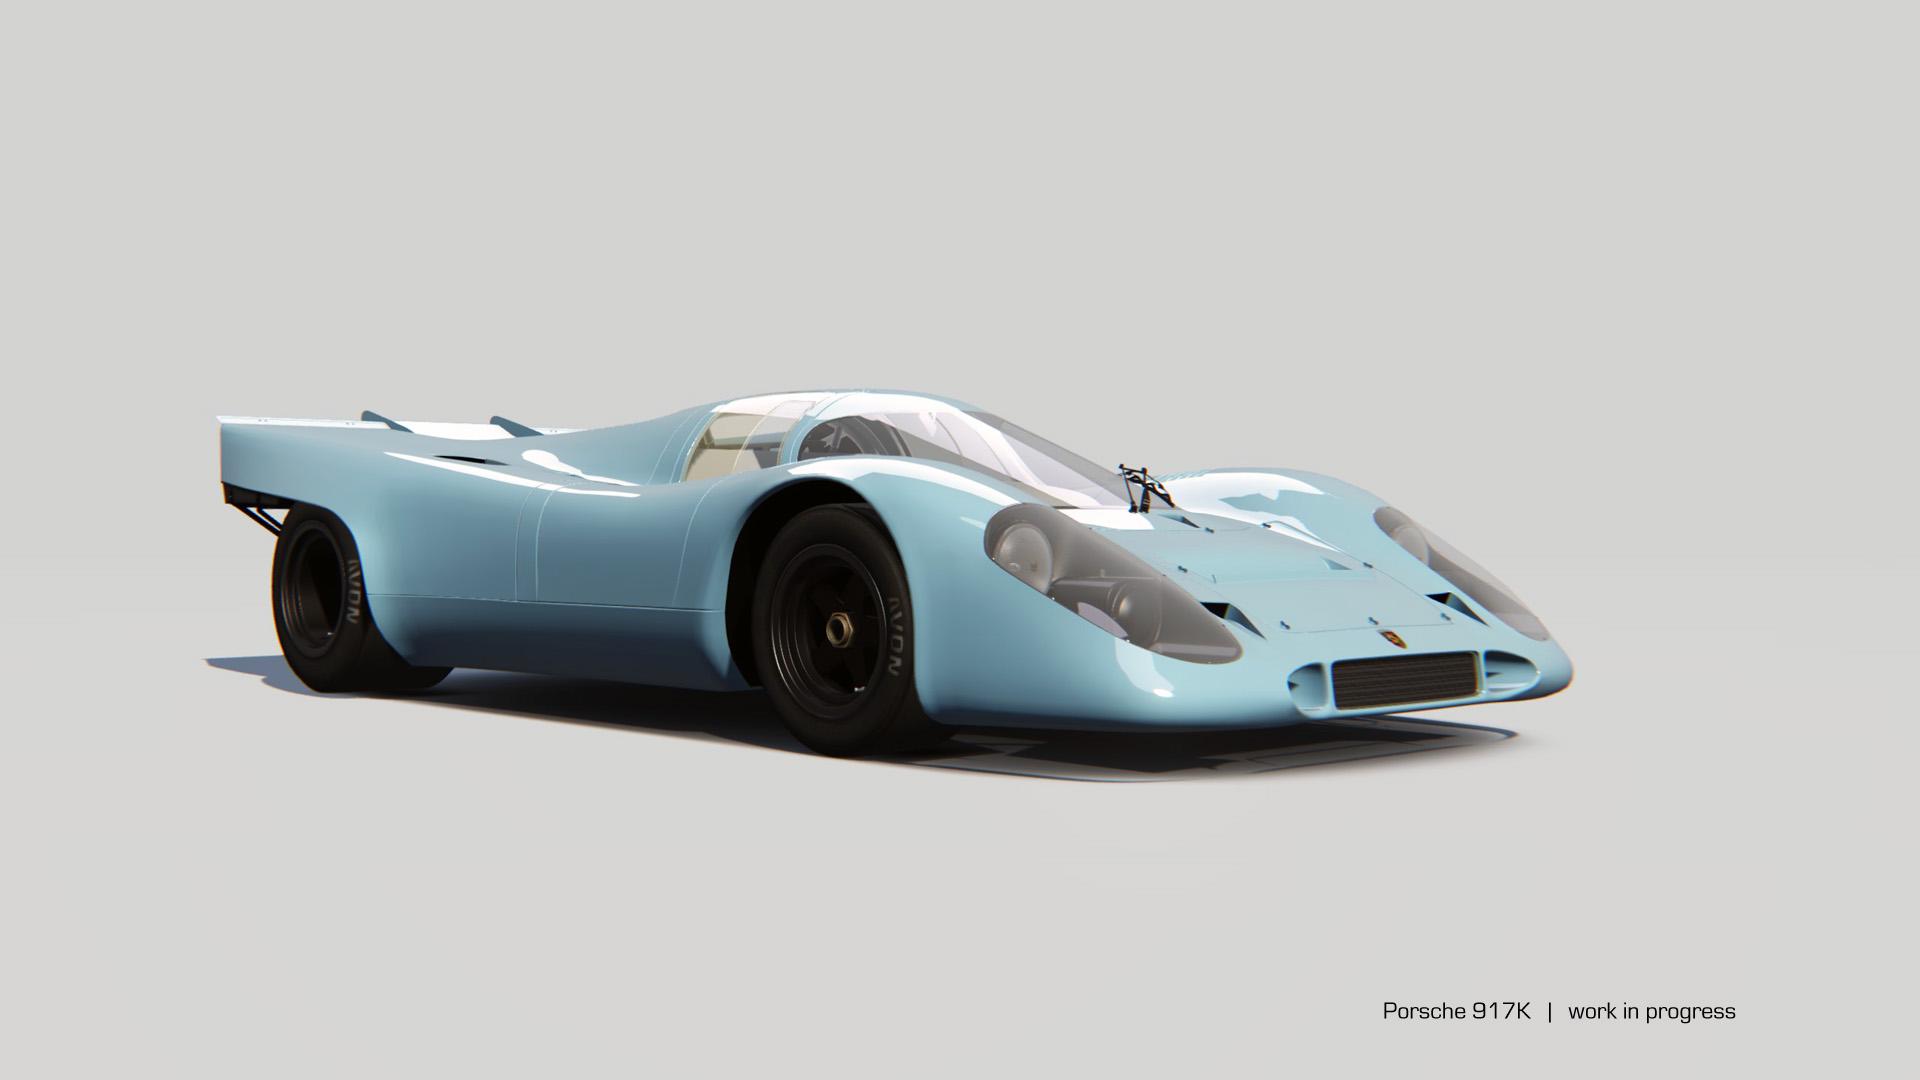 Tři DLC přidají vozy Porsche do Assetto Corsa 132688